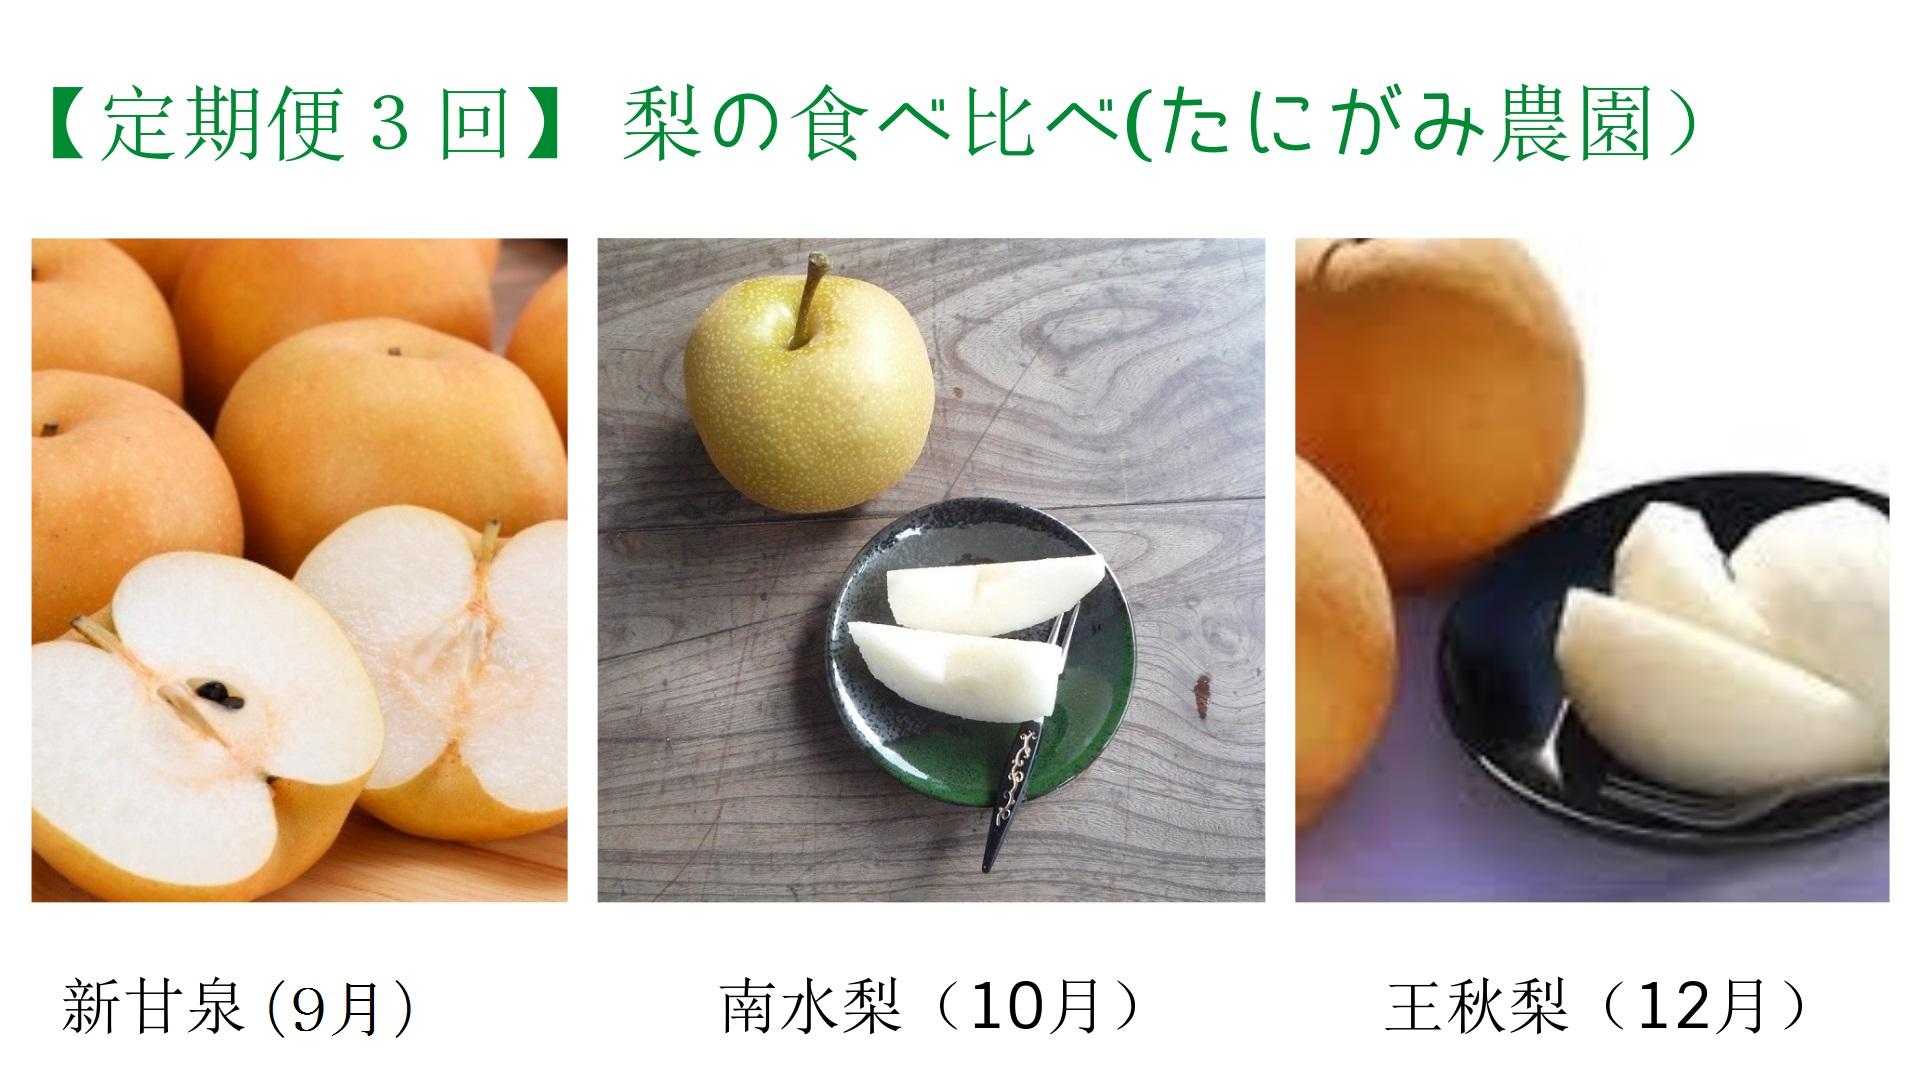 495 【定期便3回】梨の食べ比べ3キロセット(たにがみ農園)